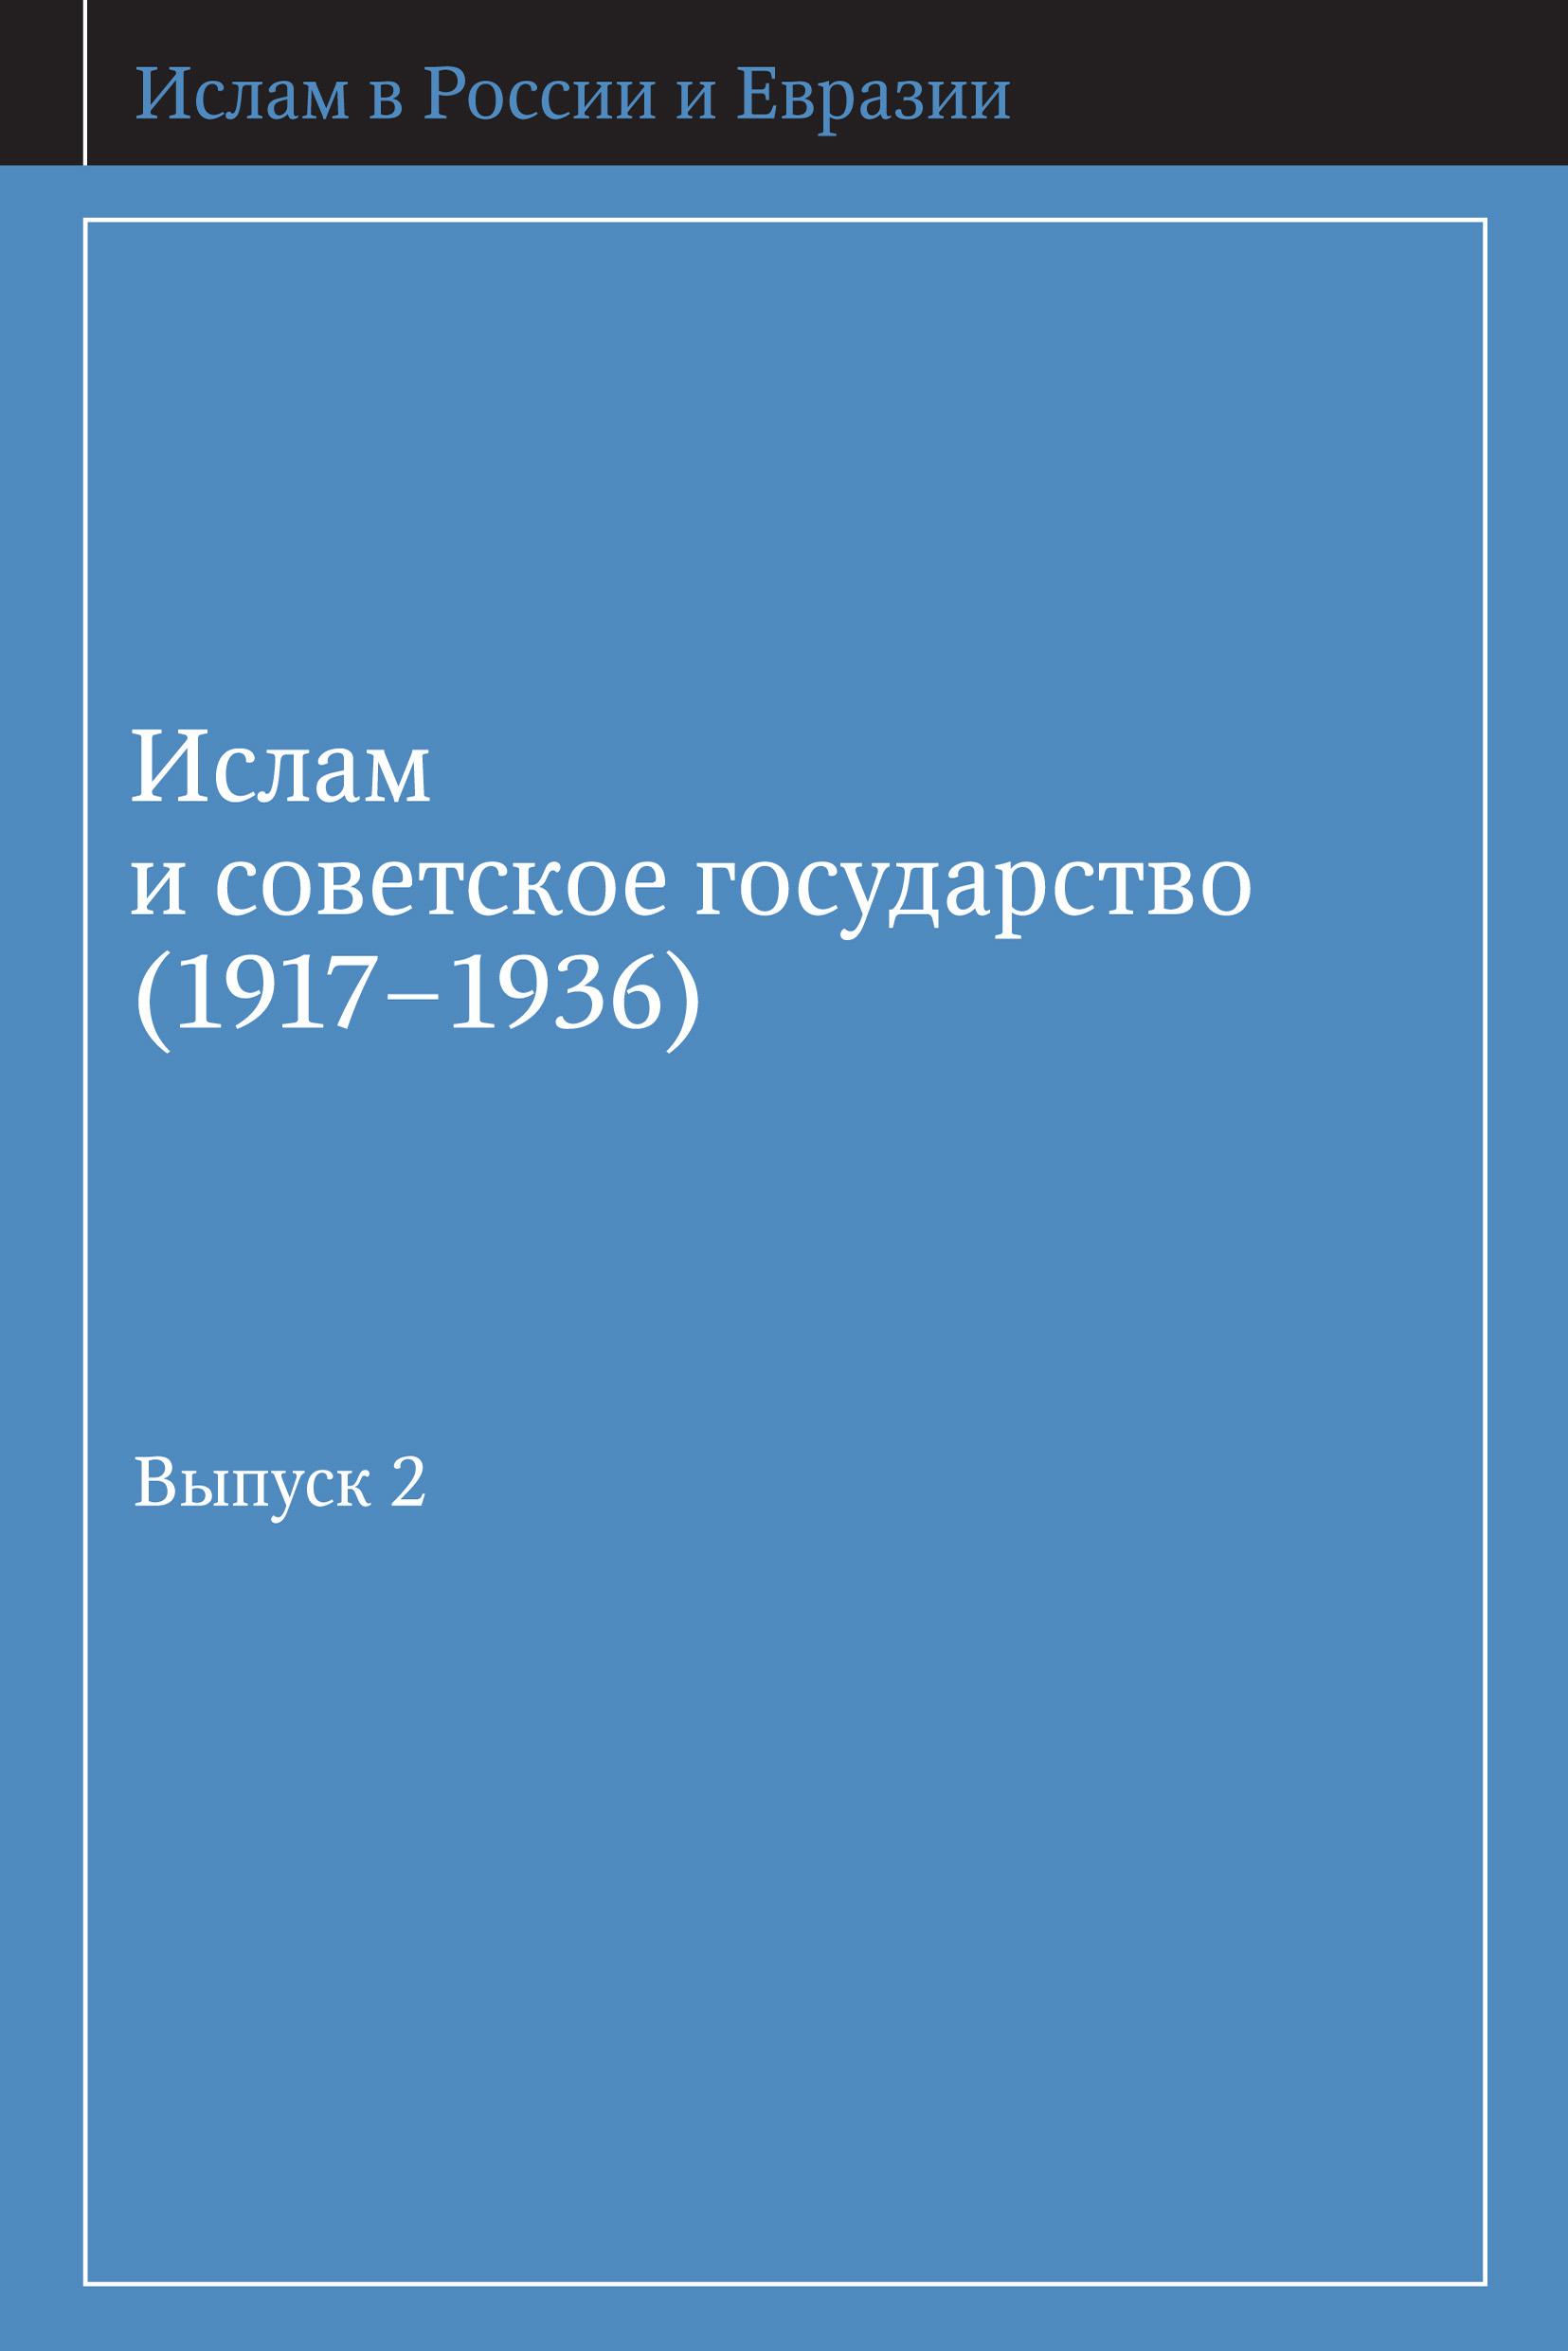 Ислам и советское государство (1917–1936). Сборник документов. Выпуск 2 фото